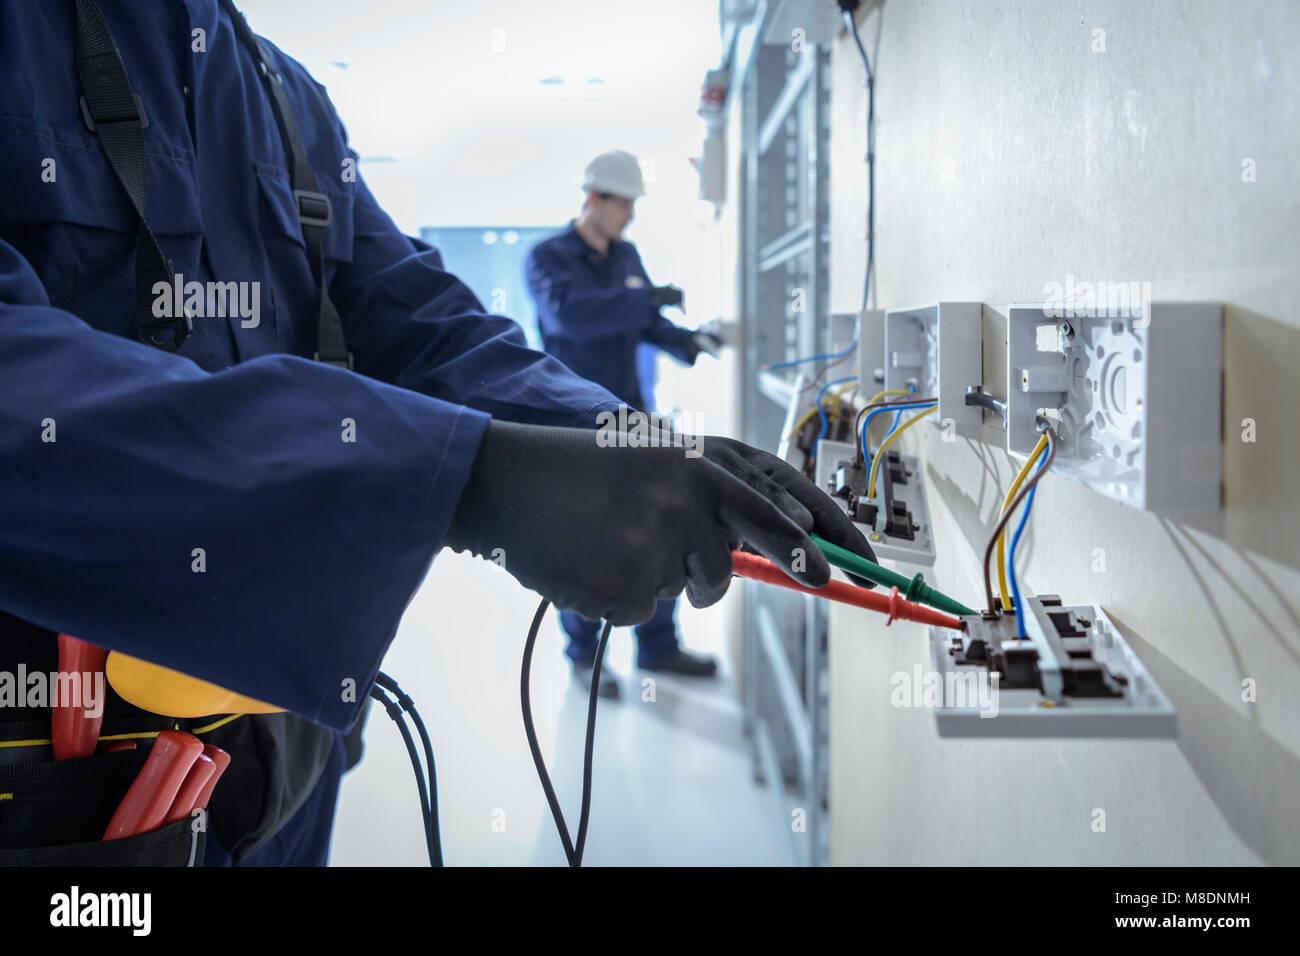 Ingegneri elettrici collaudo di apparecchiature elettriche Immagini Stock